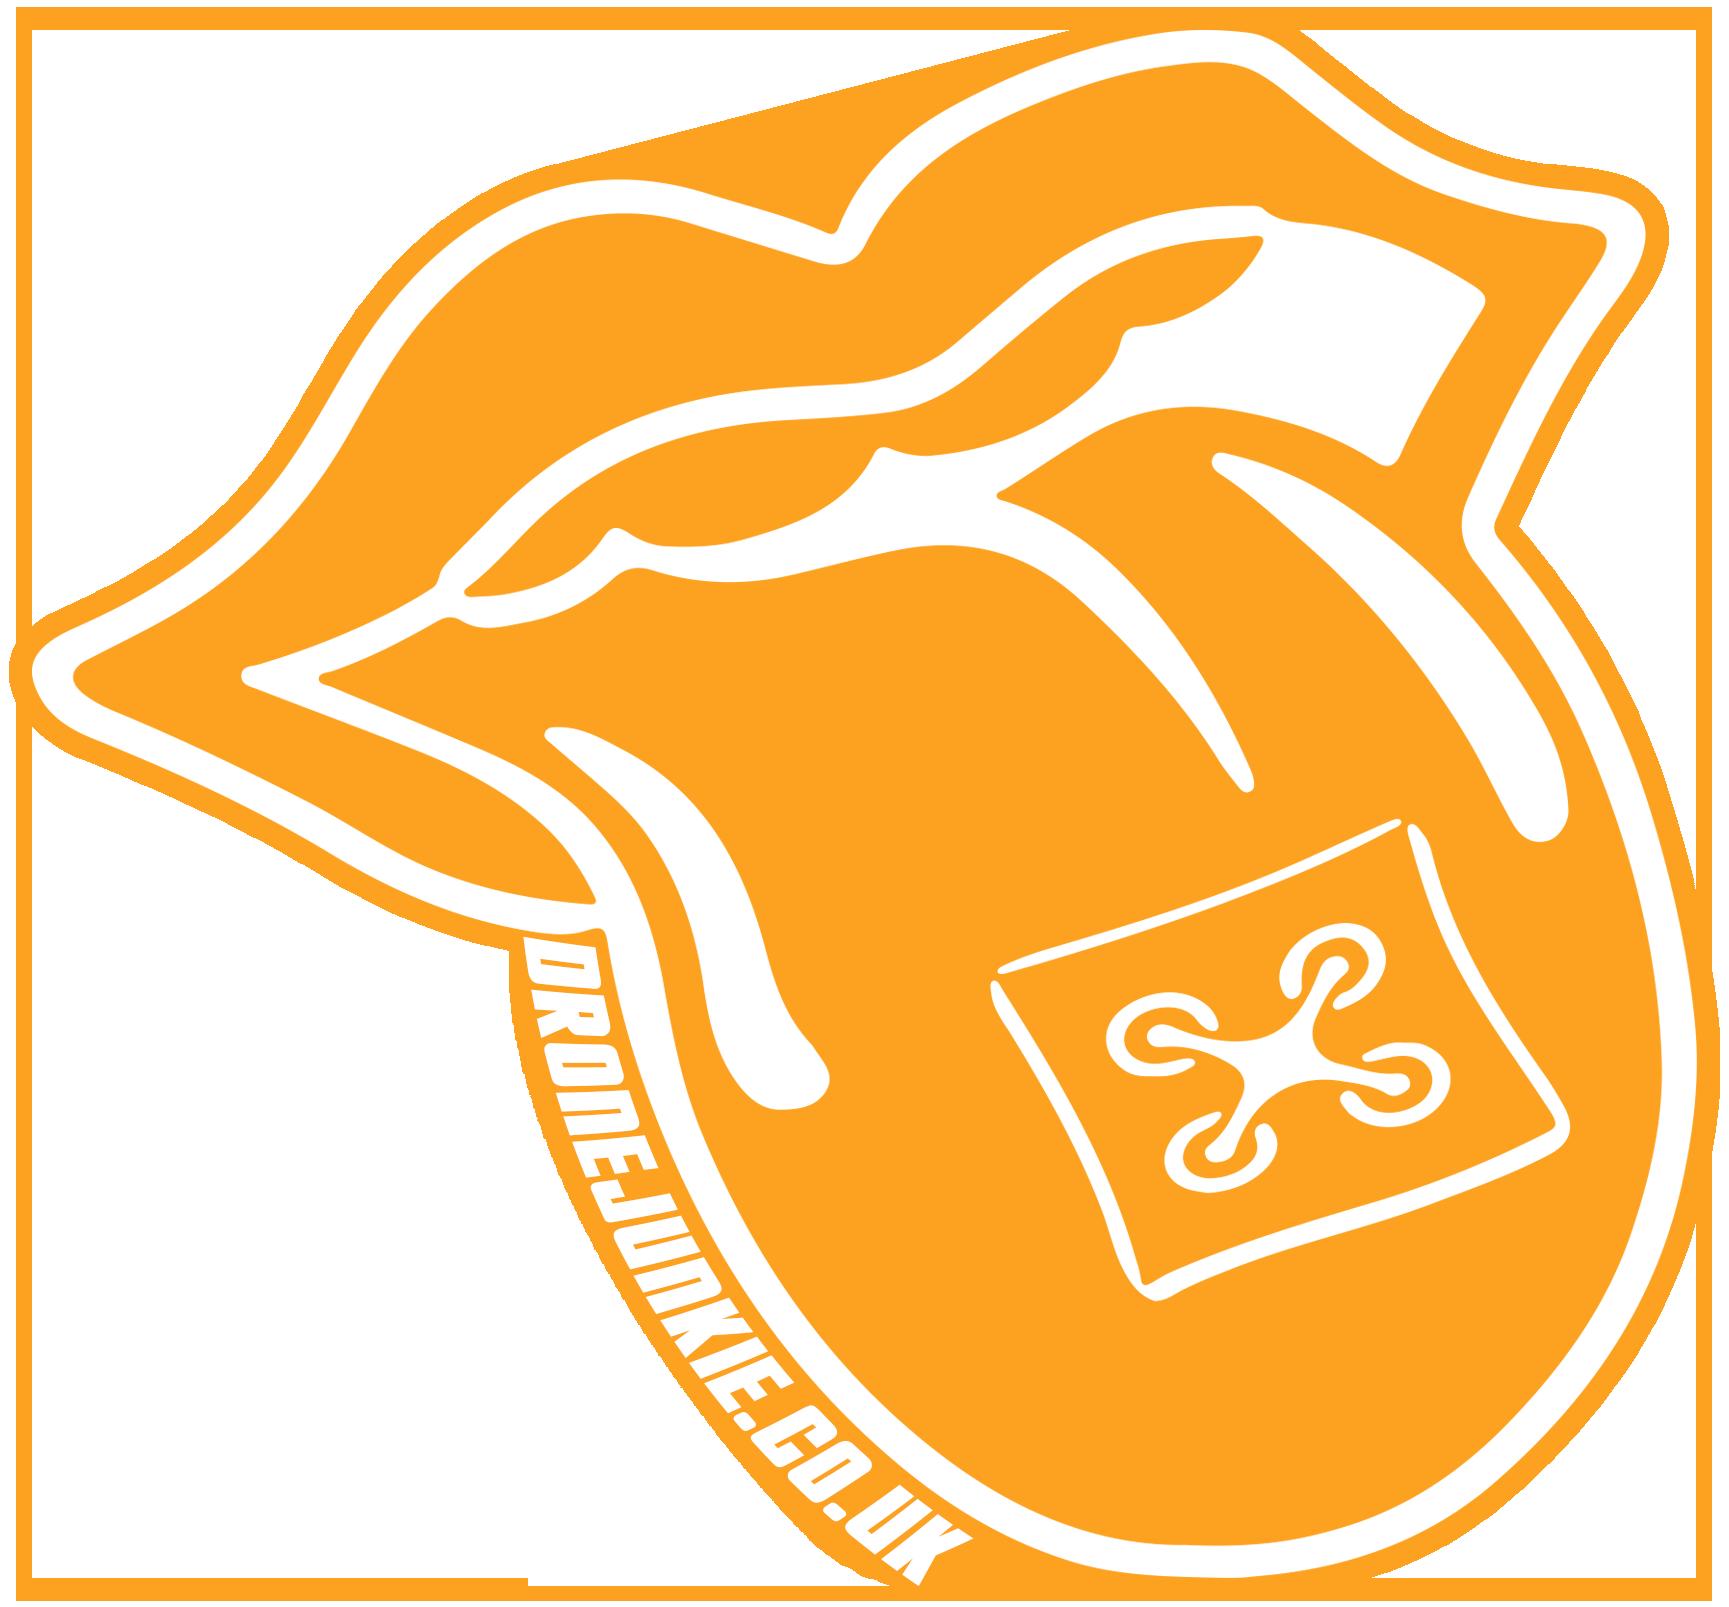 front-side-logo.png